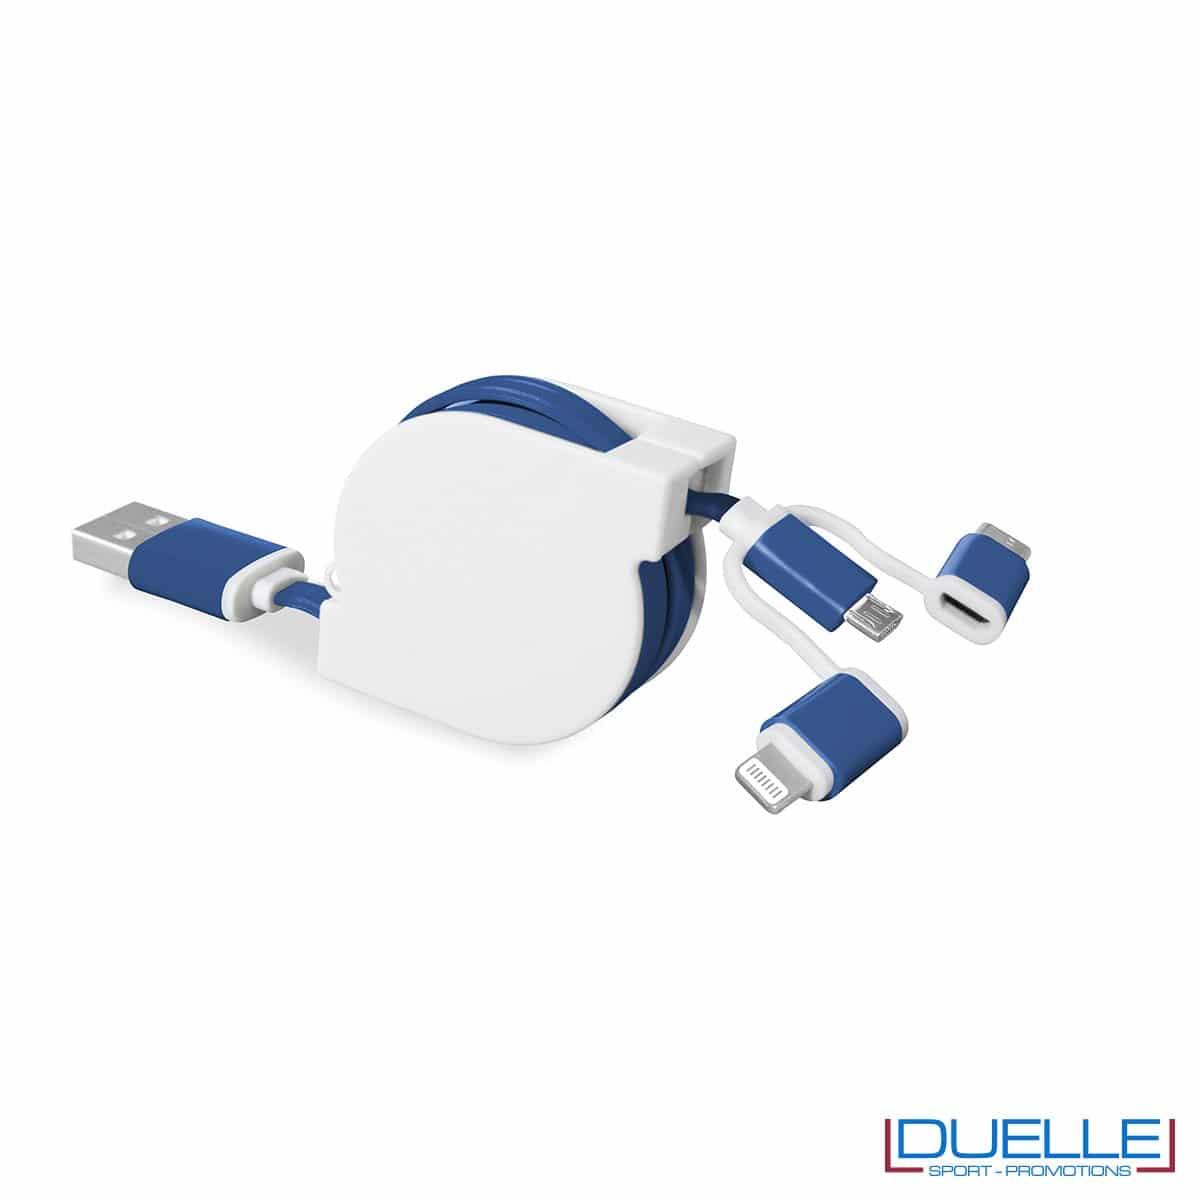 Cavo adattatore 3 in 1 personalizzabile colore blu